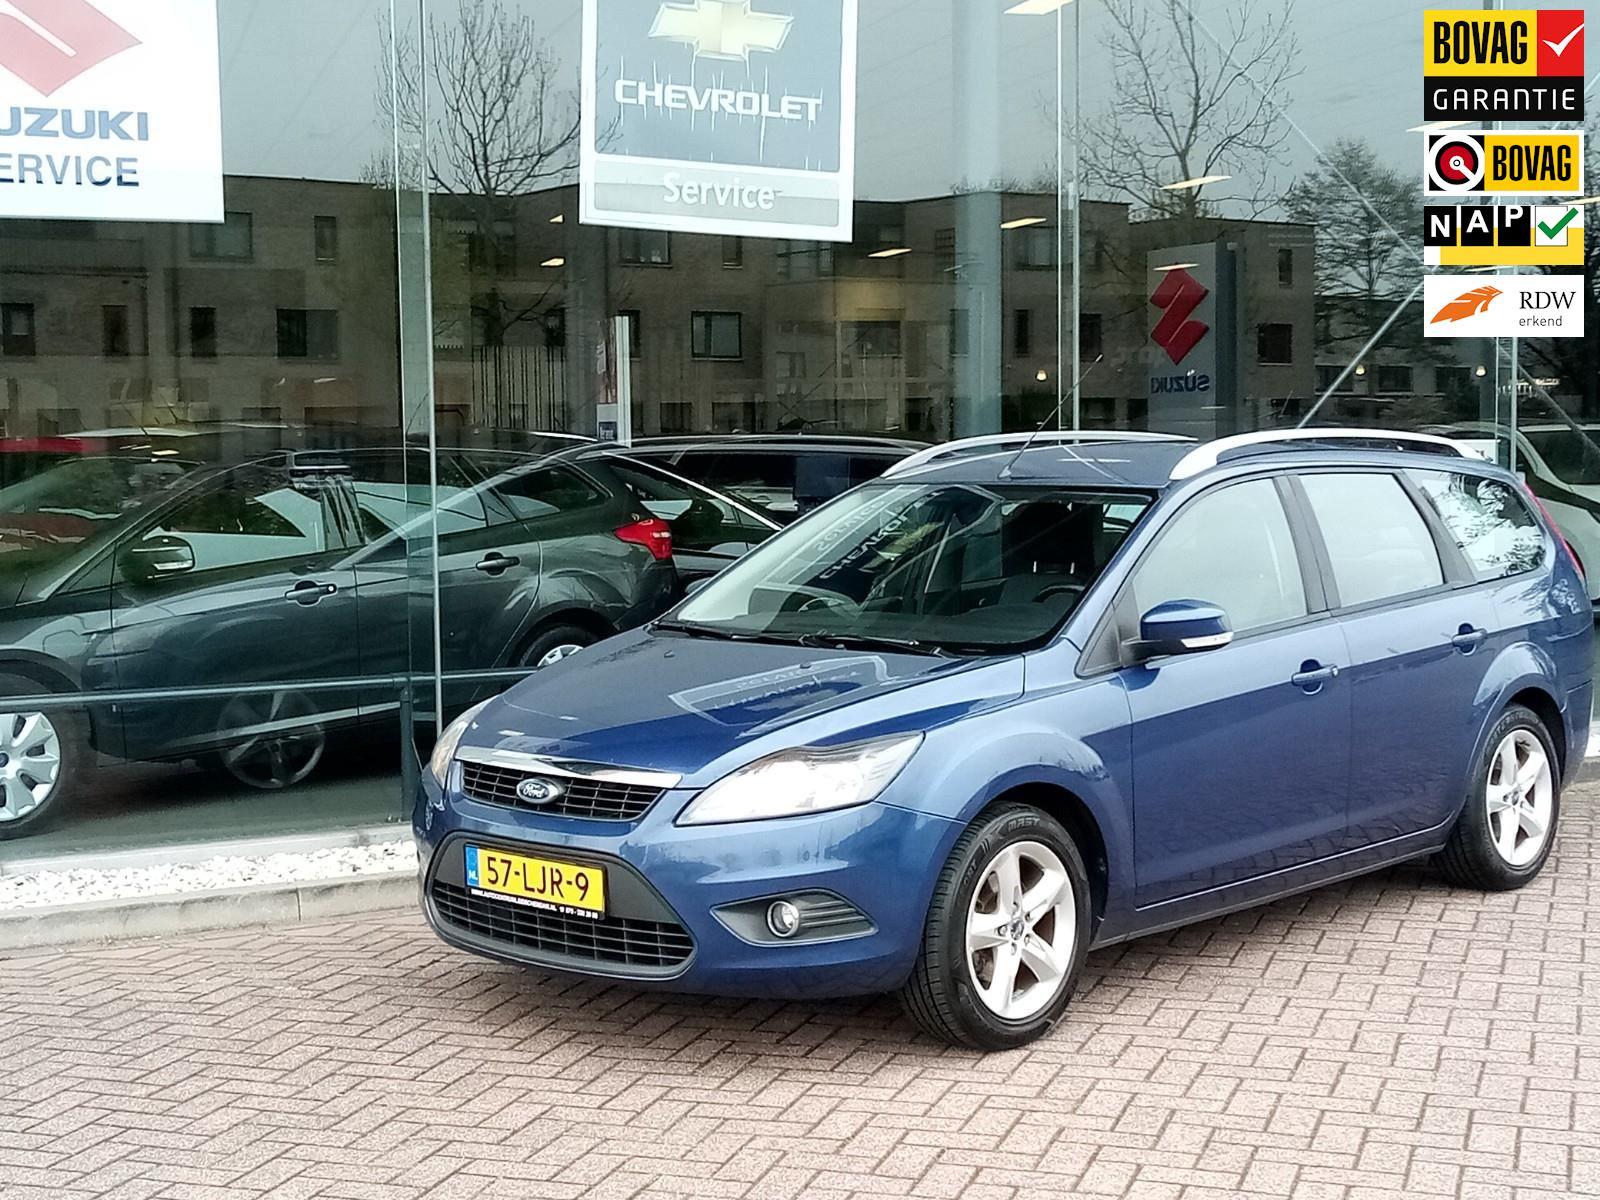 Ford Focus Wagon occasion - Auto Centrum Leidschendam